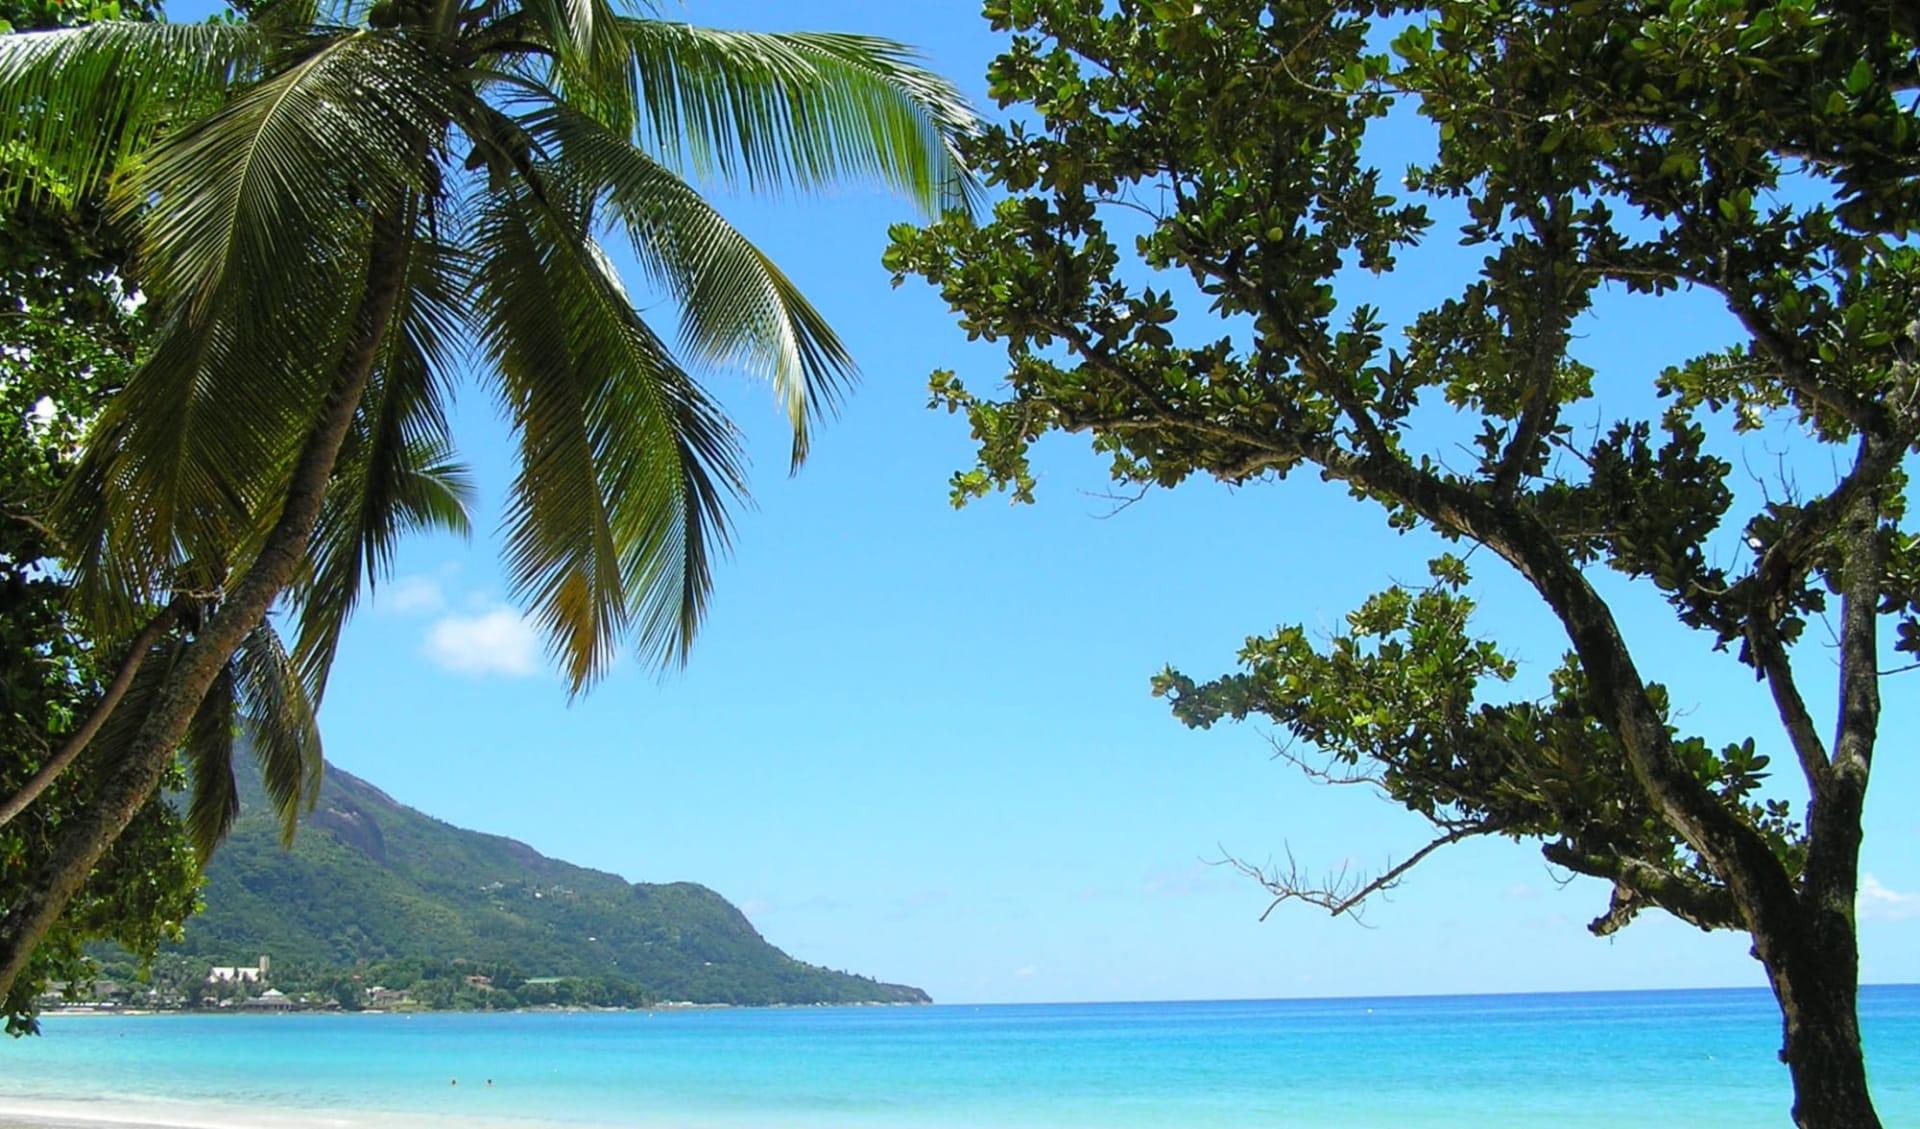 Hanneman Holiday Residence in Mahé: Beau Vallon Beach